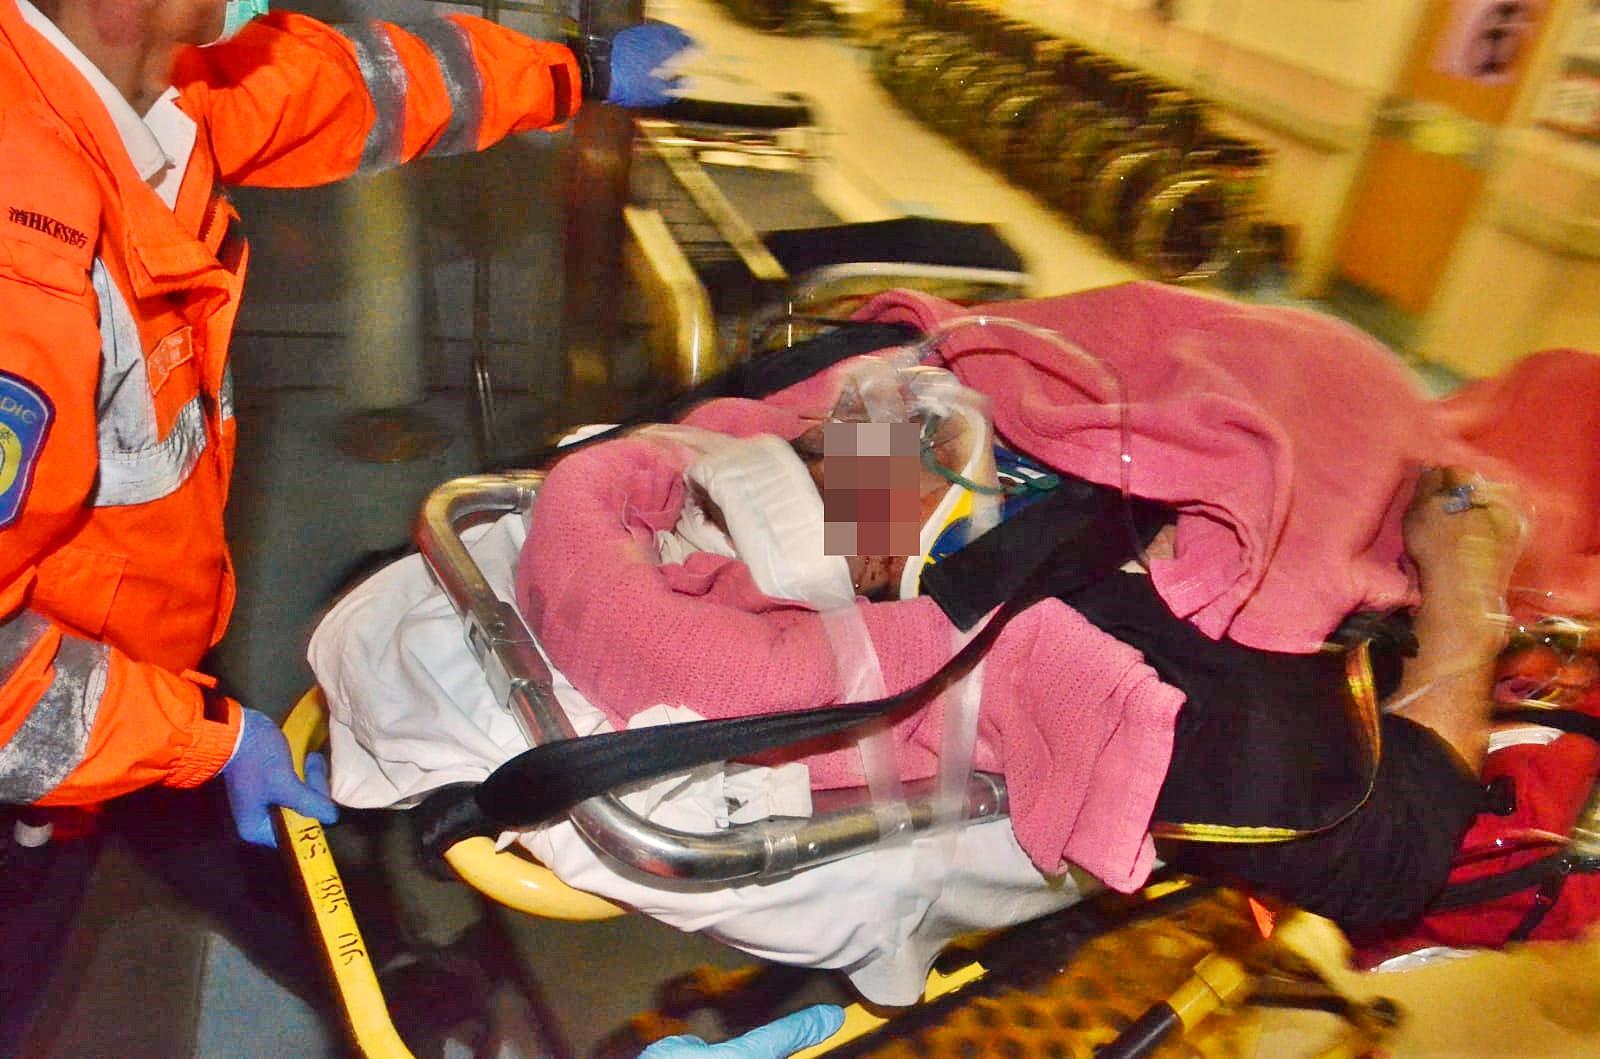 鄧男重傷半昏迷送院搶救。蔡楚輝攝